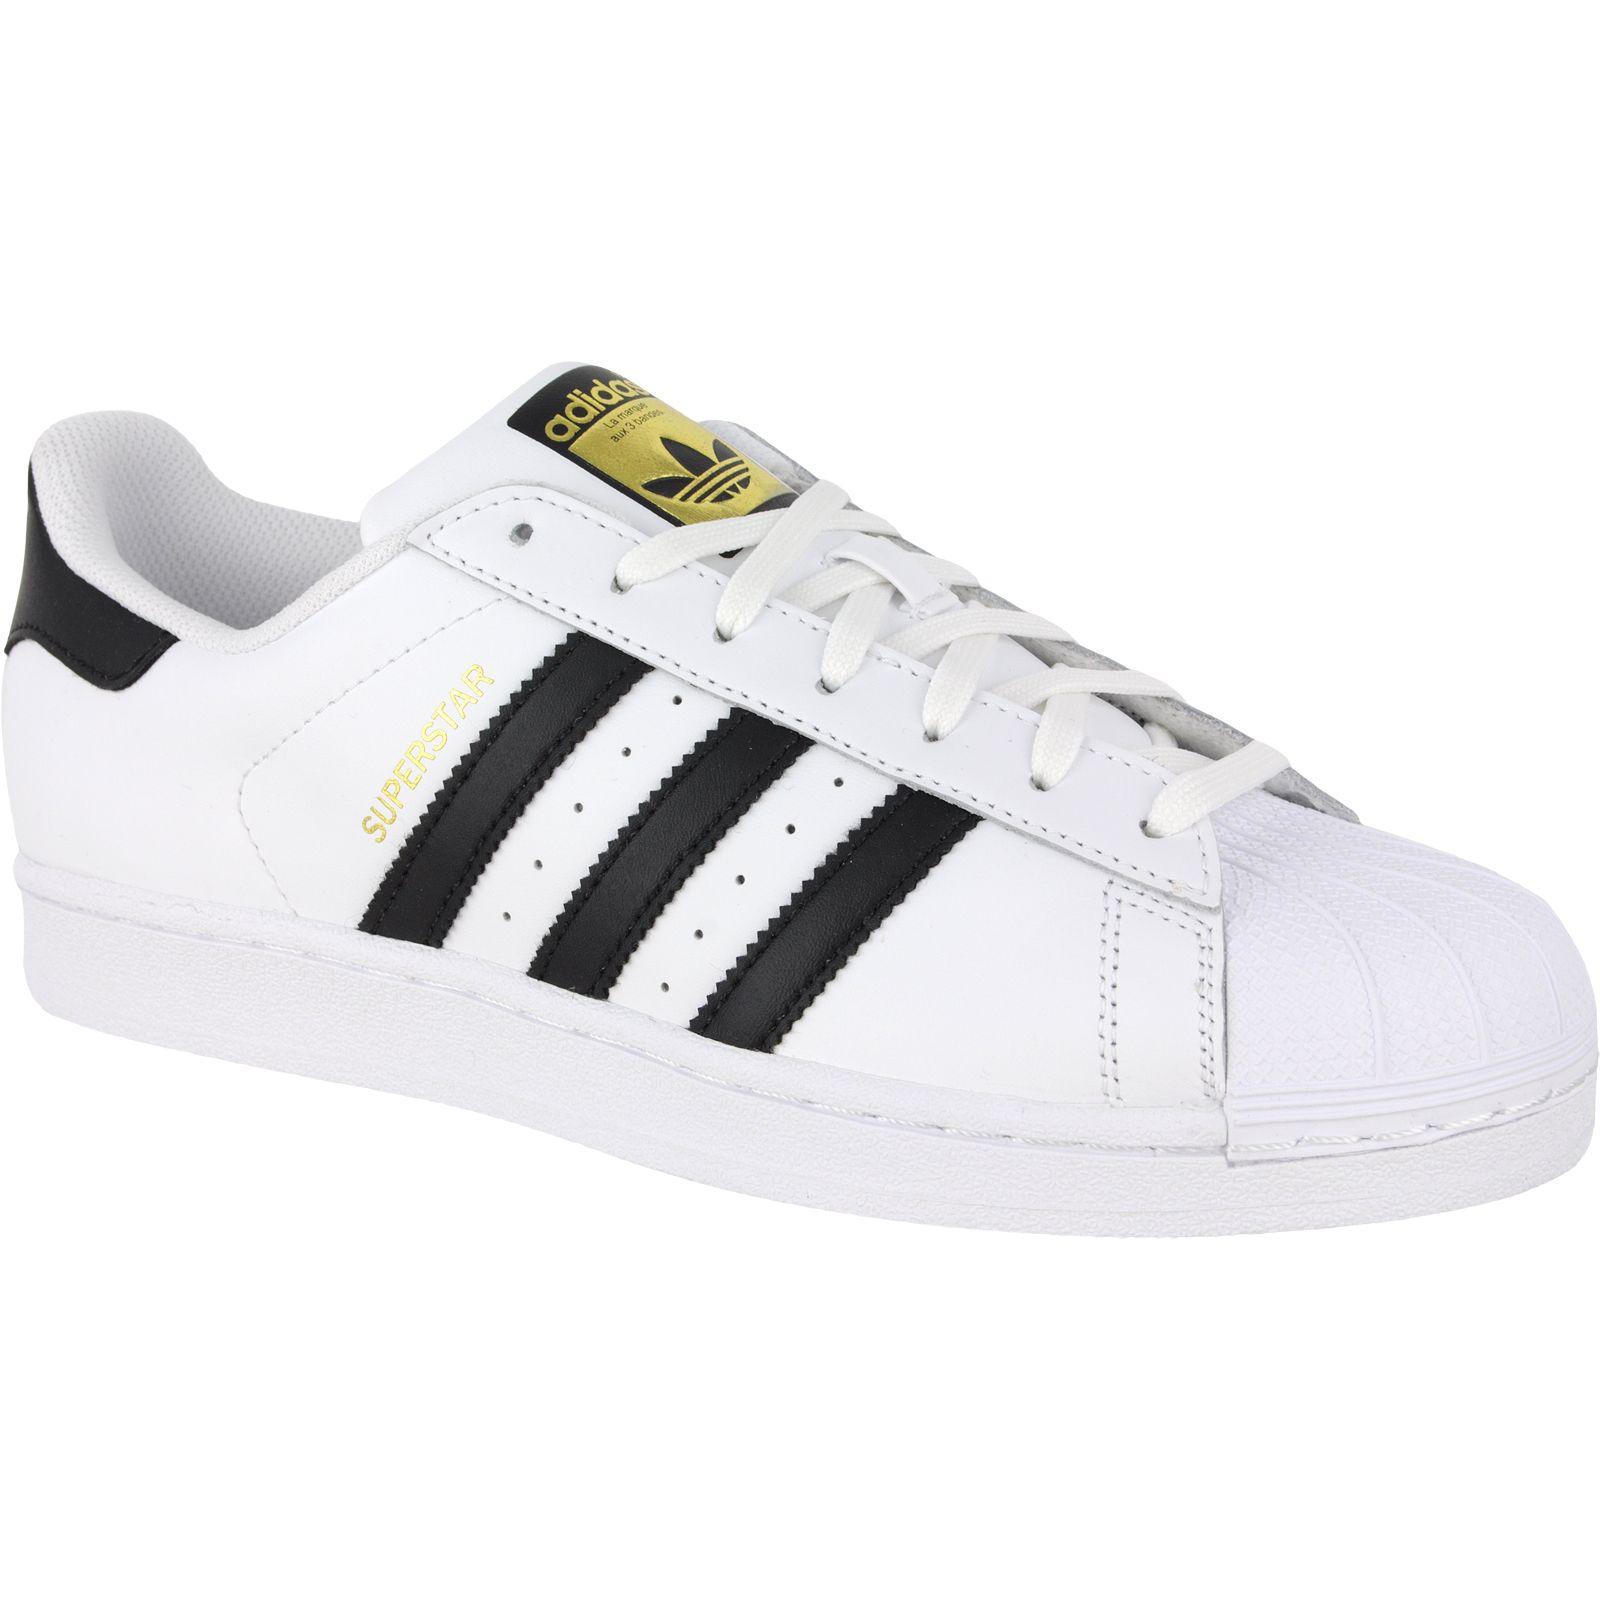 Pantofi sport Adidas Originals Superstar J Blanc Noir C77154B